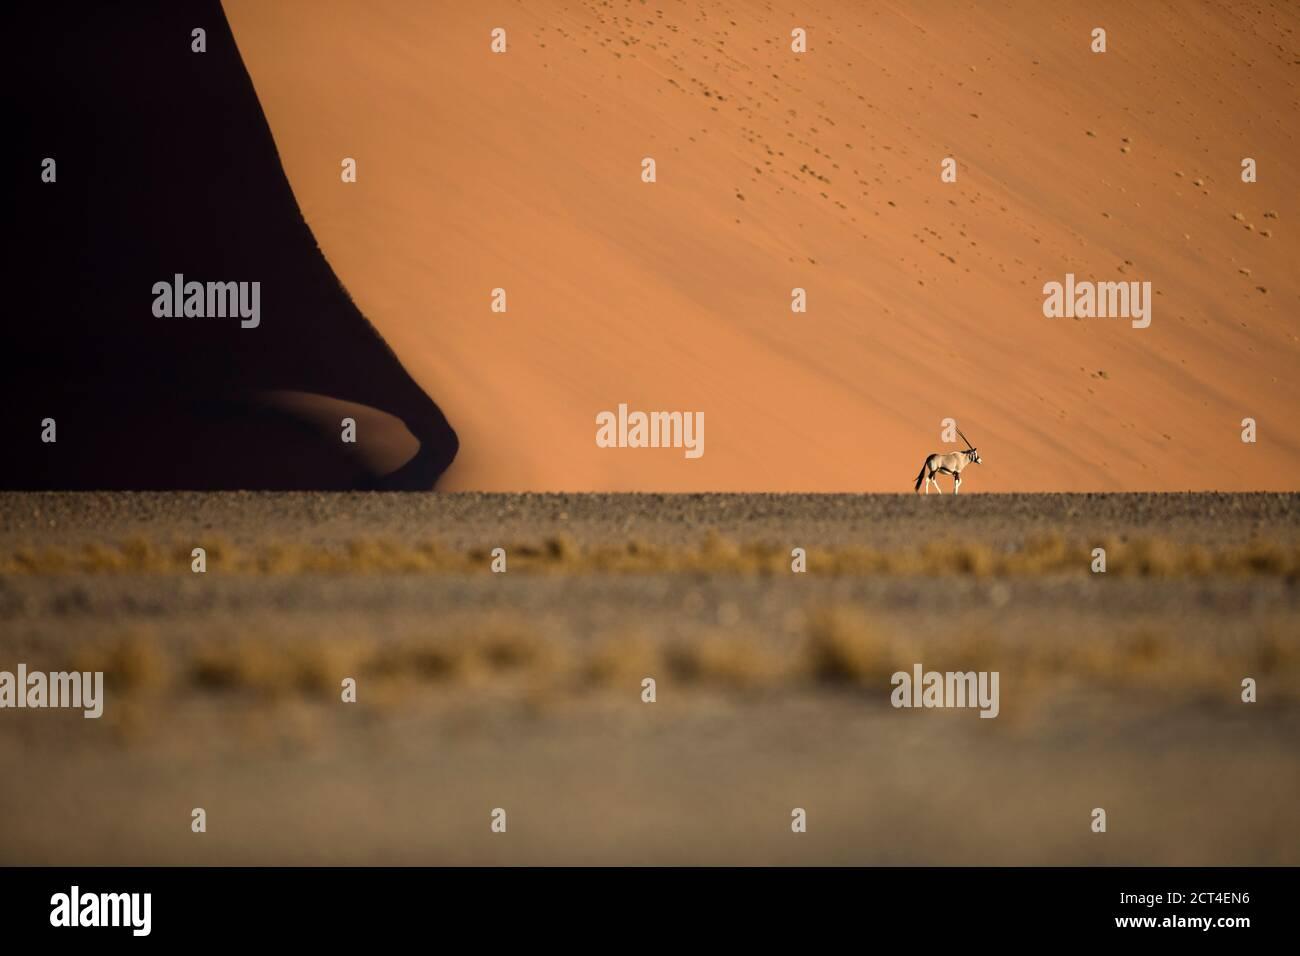 Un seul oryx ou antilope Gemsbok dans les célèbres dunes de sable de Sossusvlei, région de Hardap, Namibie. Banque D'Images